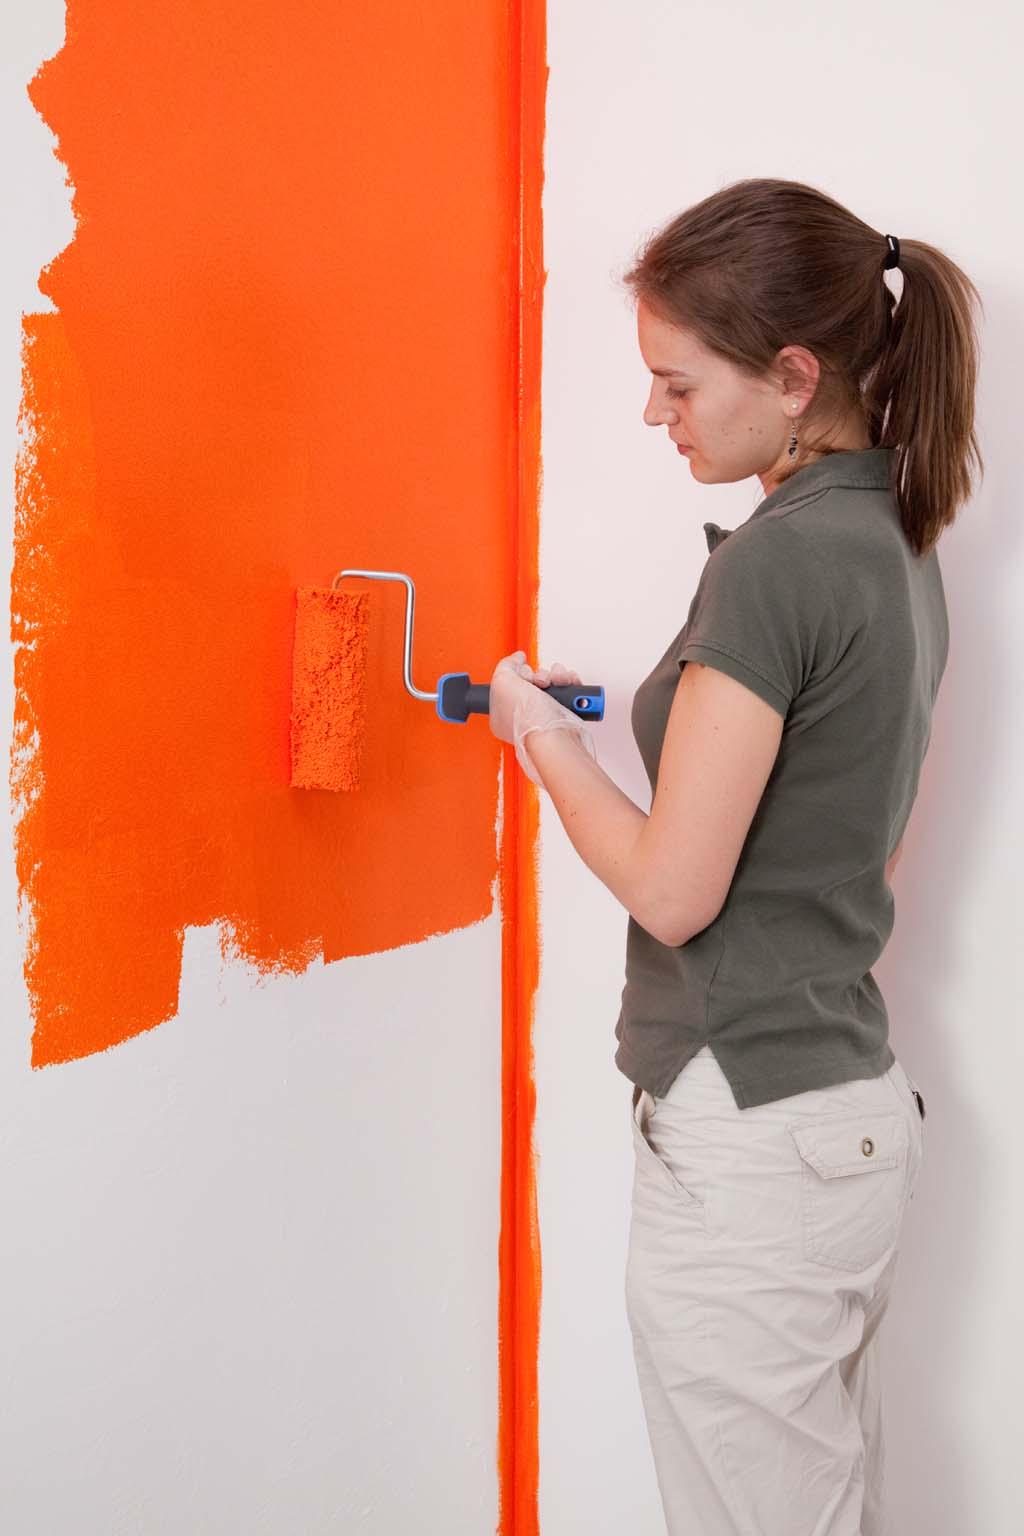 Comment bien peindre ?